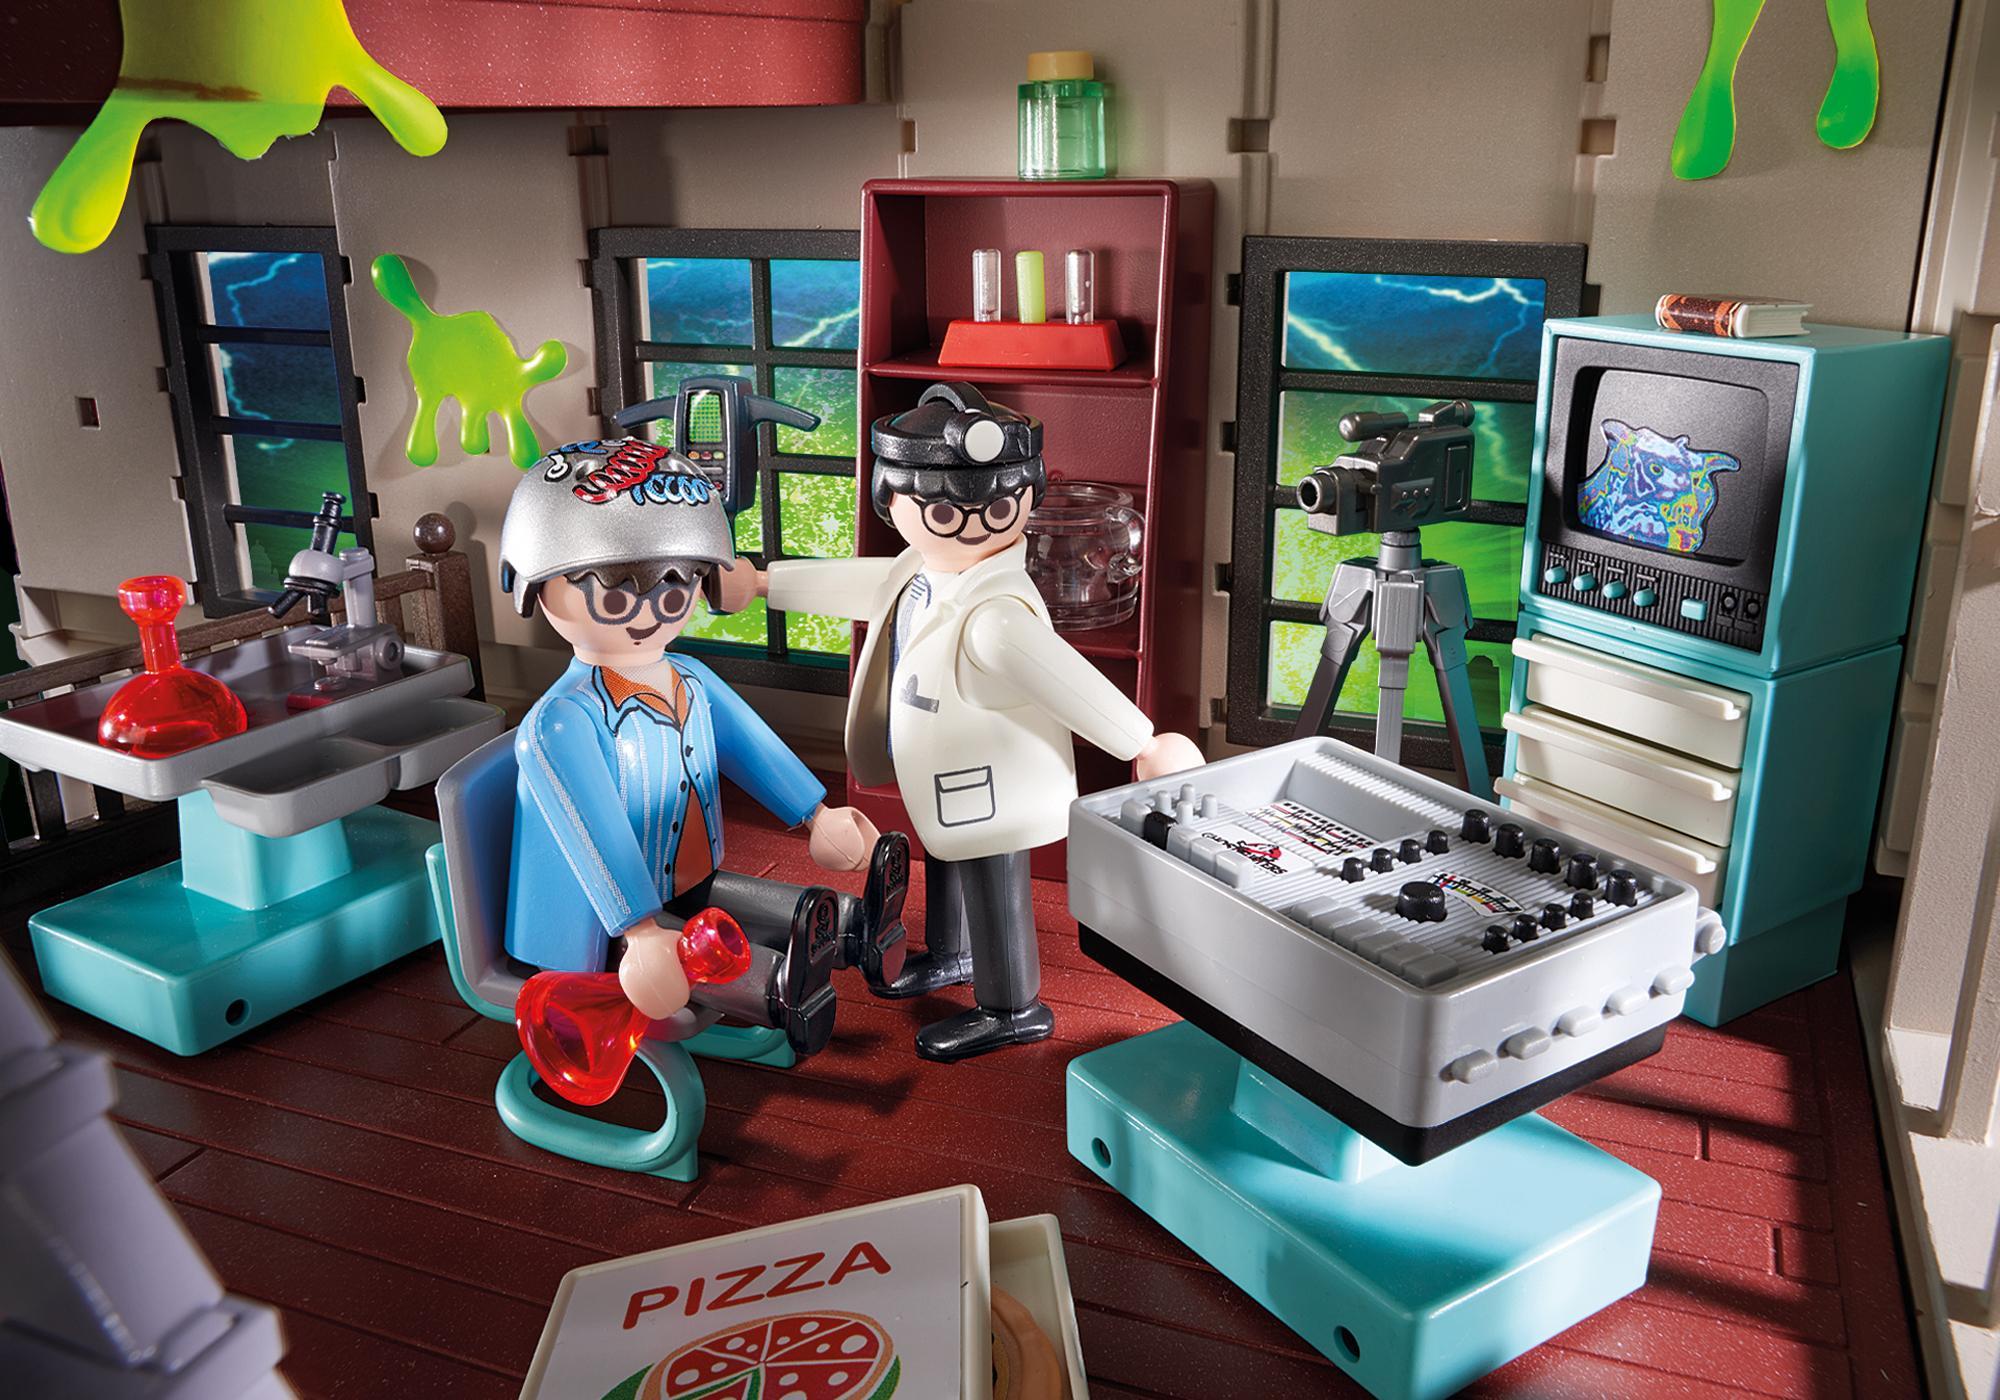 http://media.playmobil.com/i/playmobil/9219_product_extra1/Cuartel Parque de Bomberos Ghostbusters™